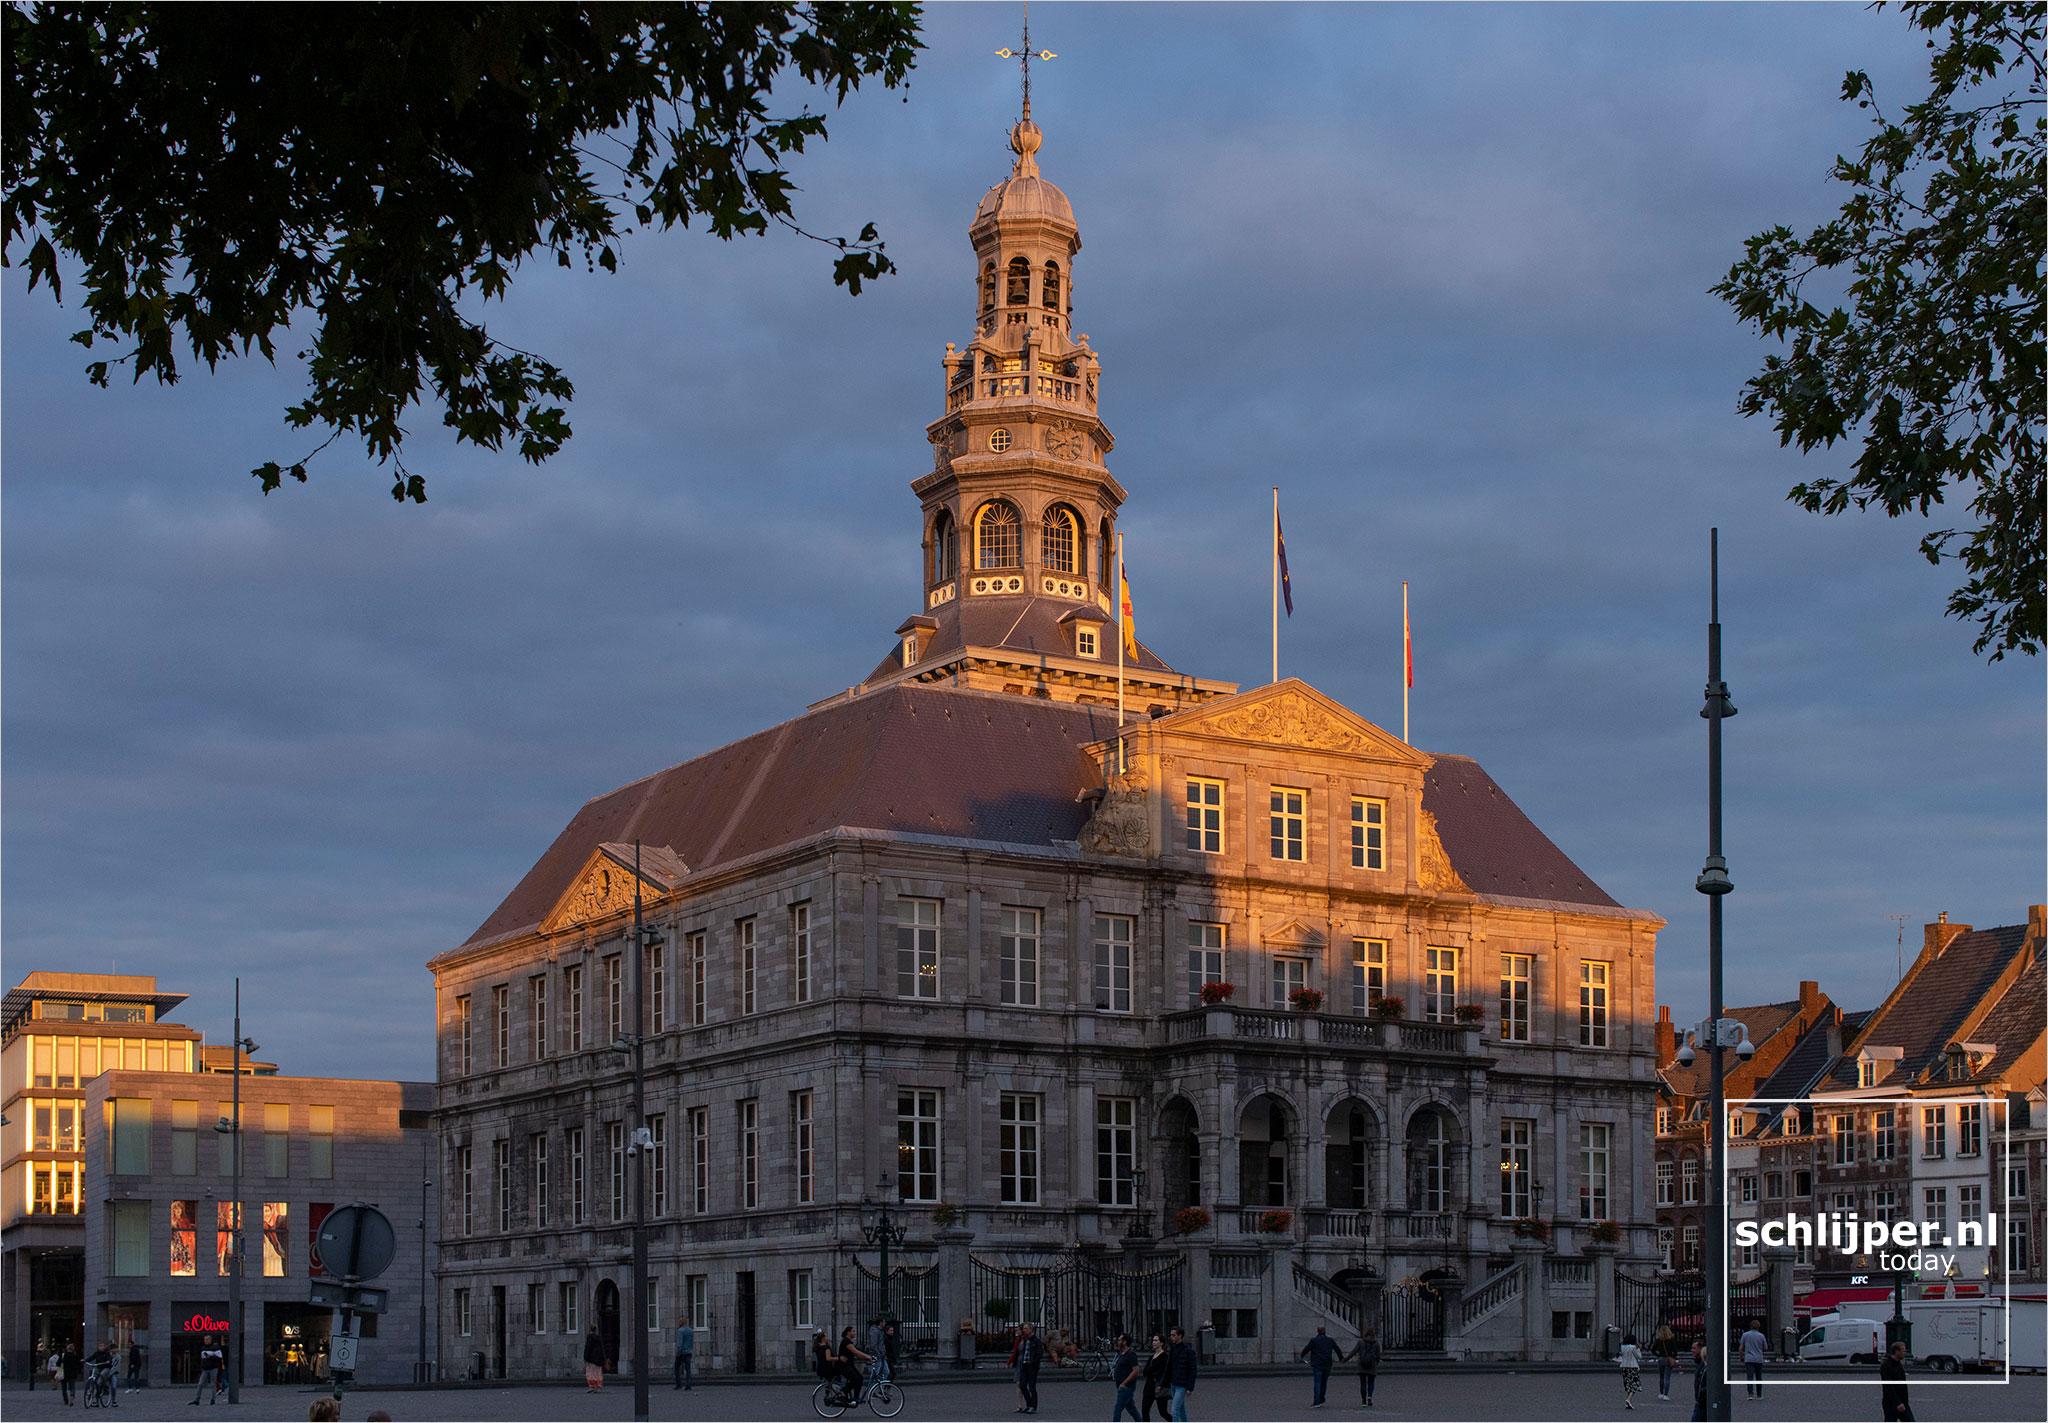 Nederland, Maastricht, 6 september 2020